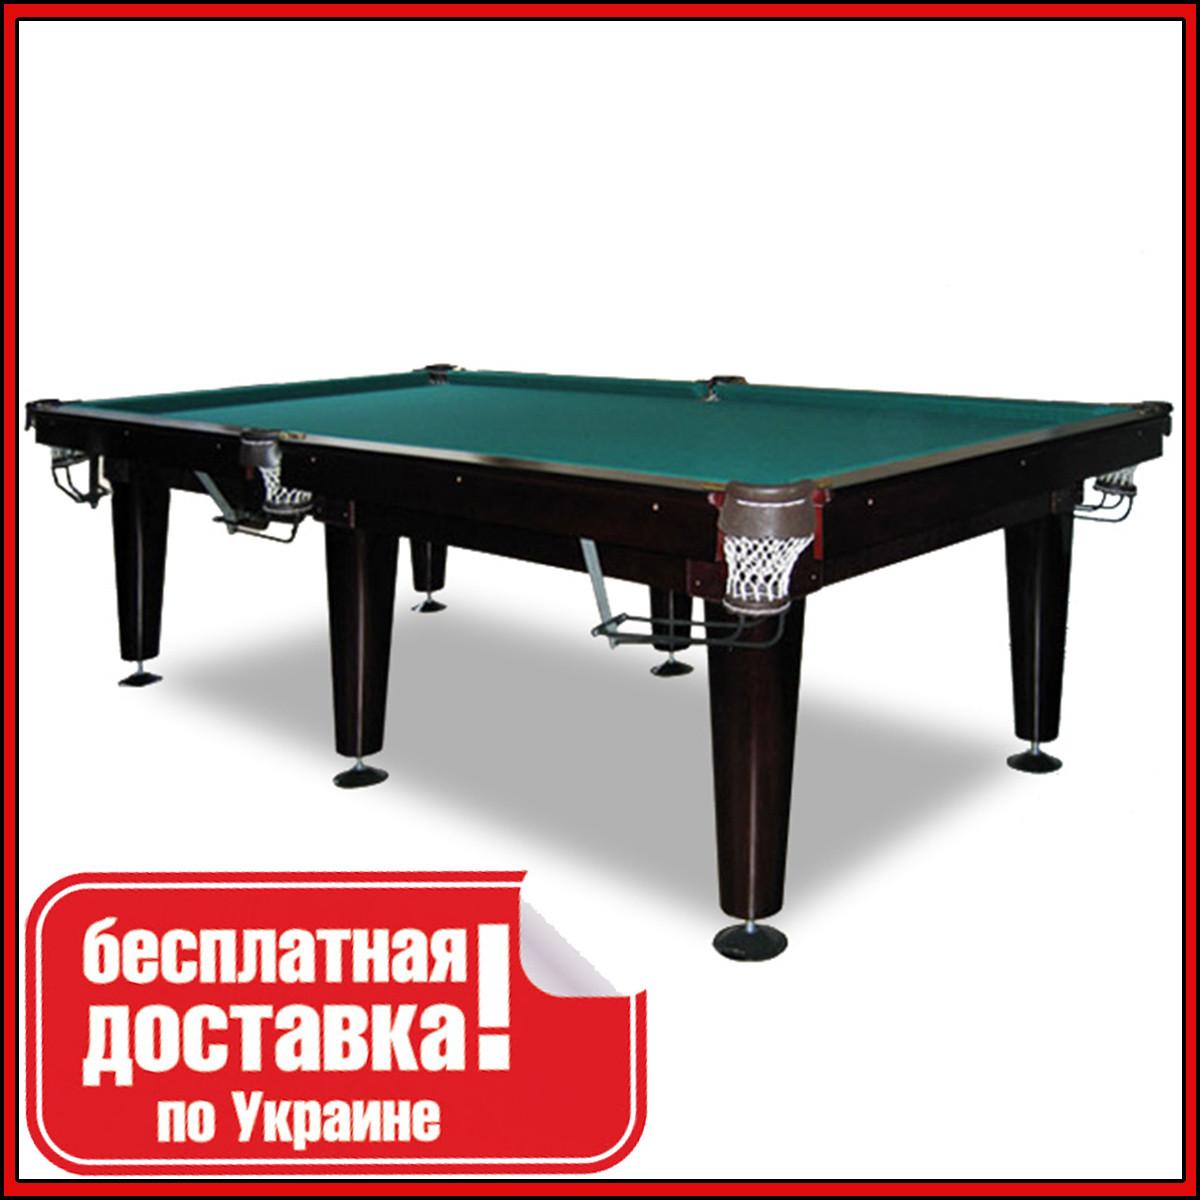 Бильярдный стол для пула КЛАССИК 6 футов ЛДСП 1.8 м х 0.9 м из натурального дерева